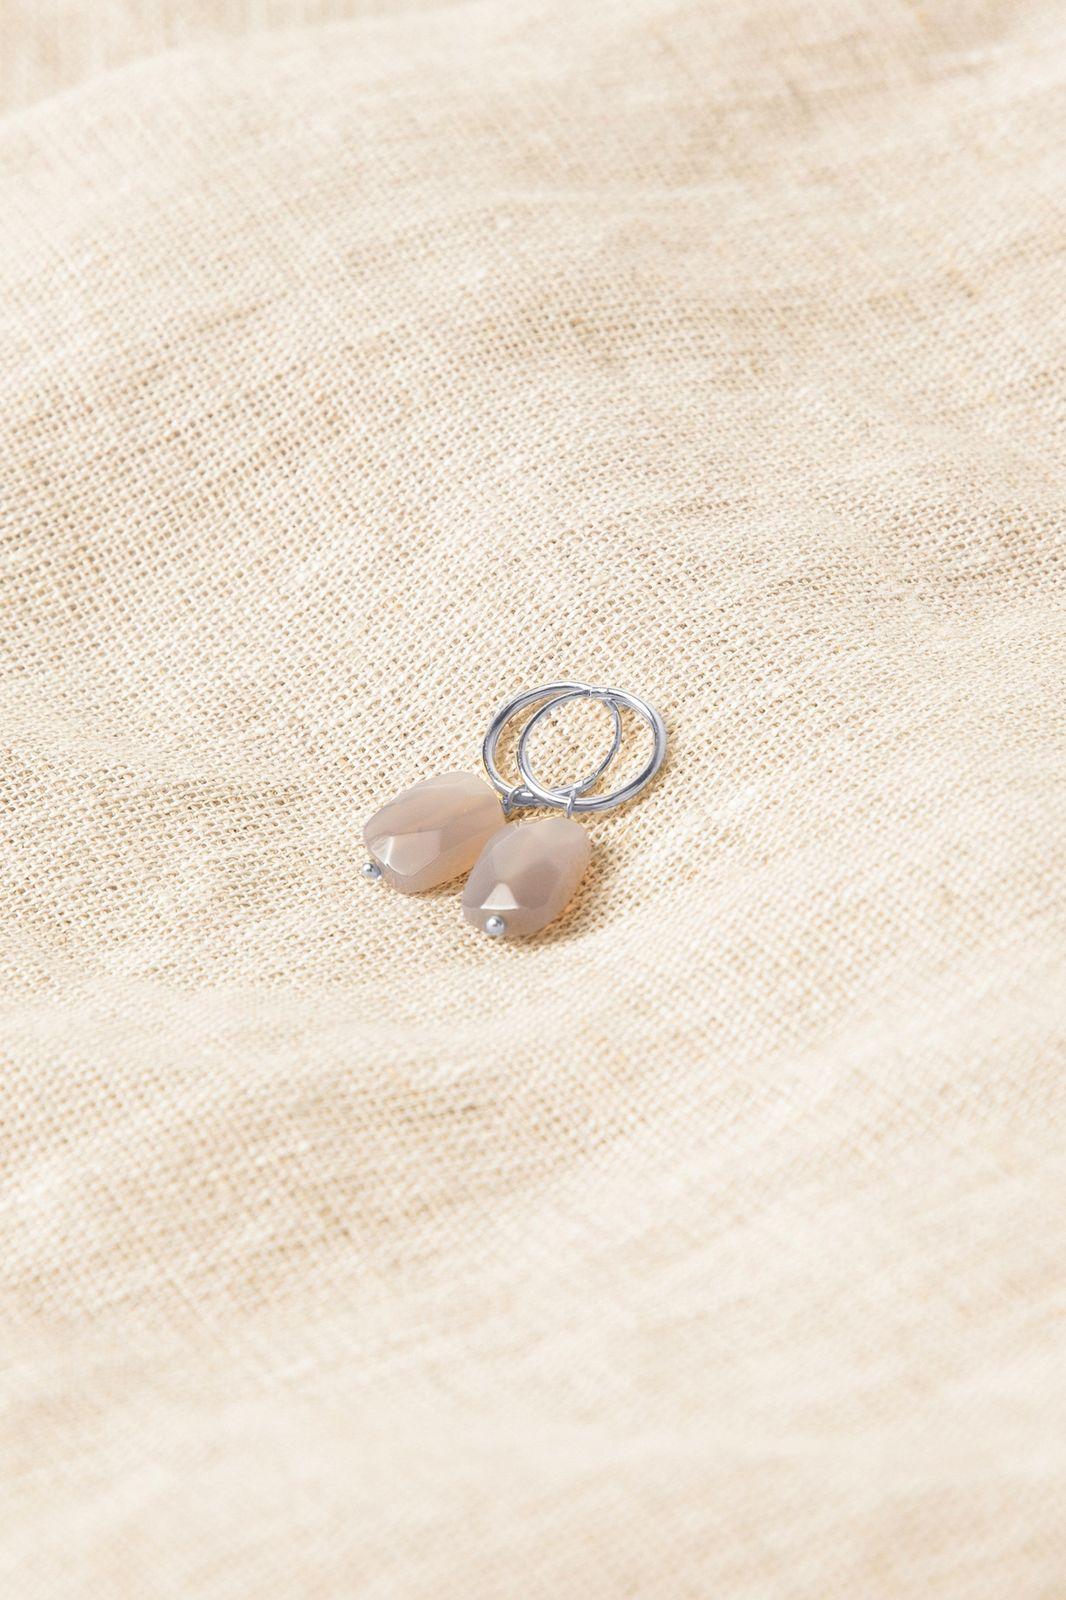 Boucles d'oreille avec petite pierre - argenté